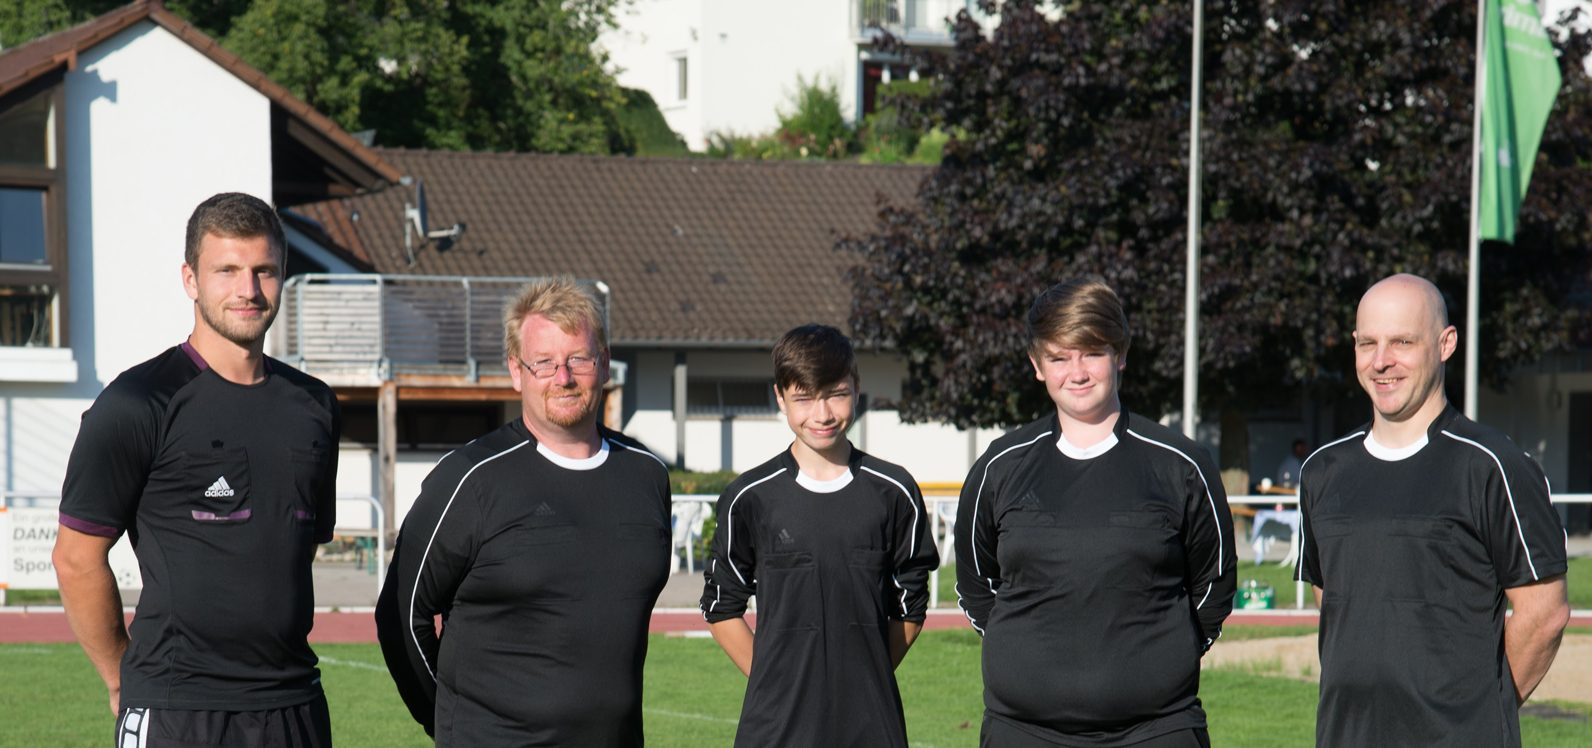 Unsere Schiedsrichter